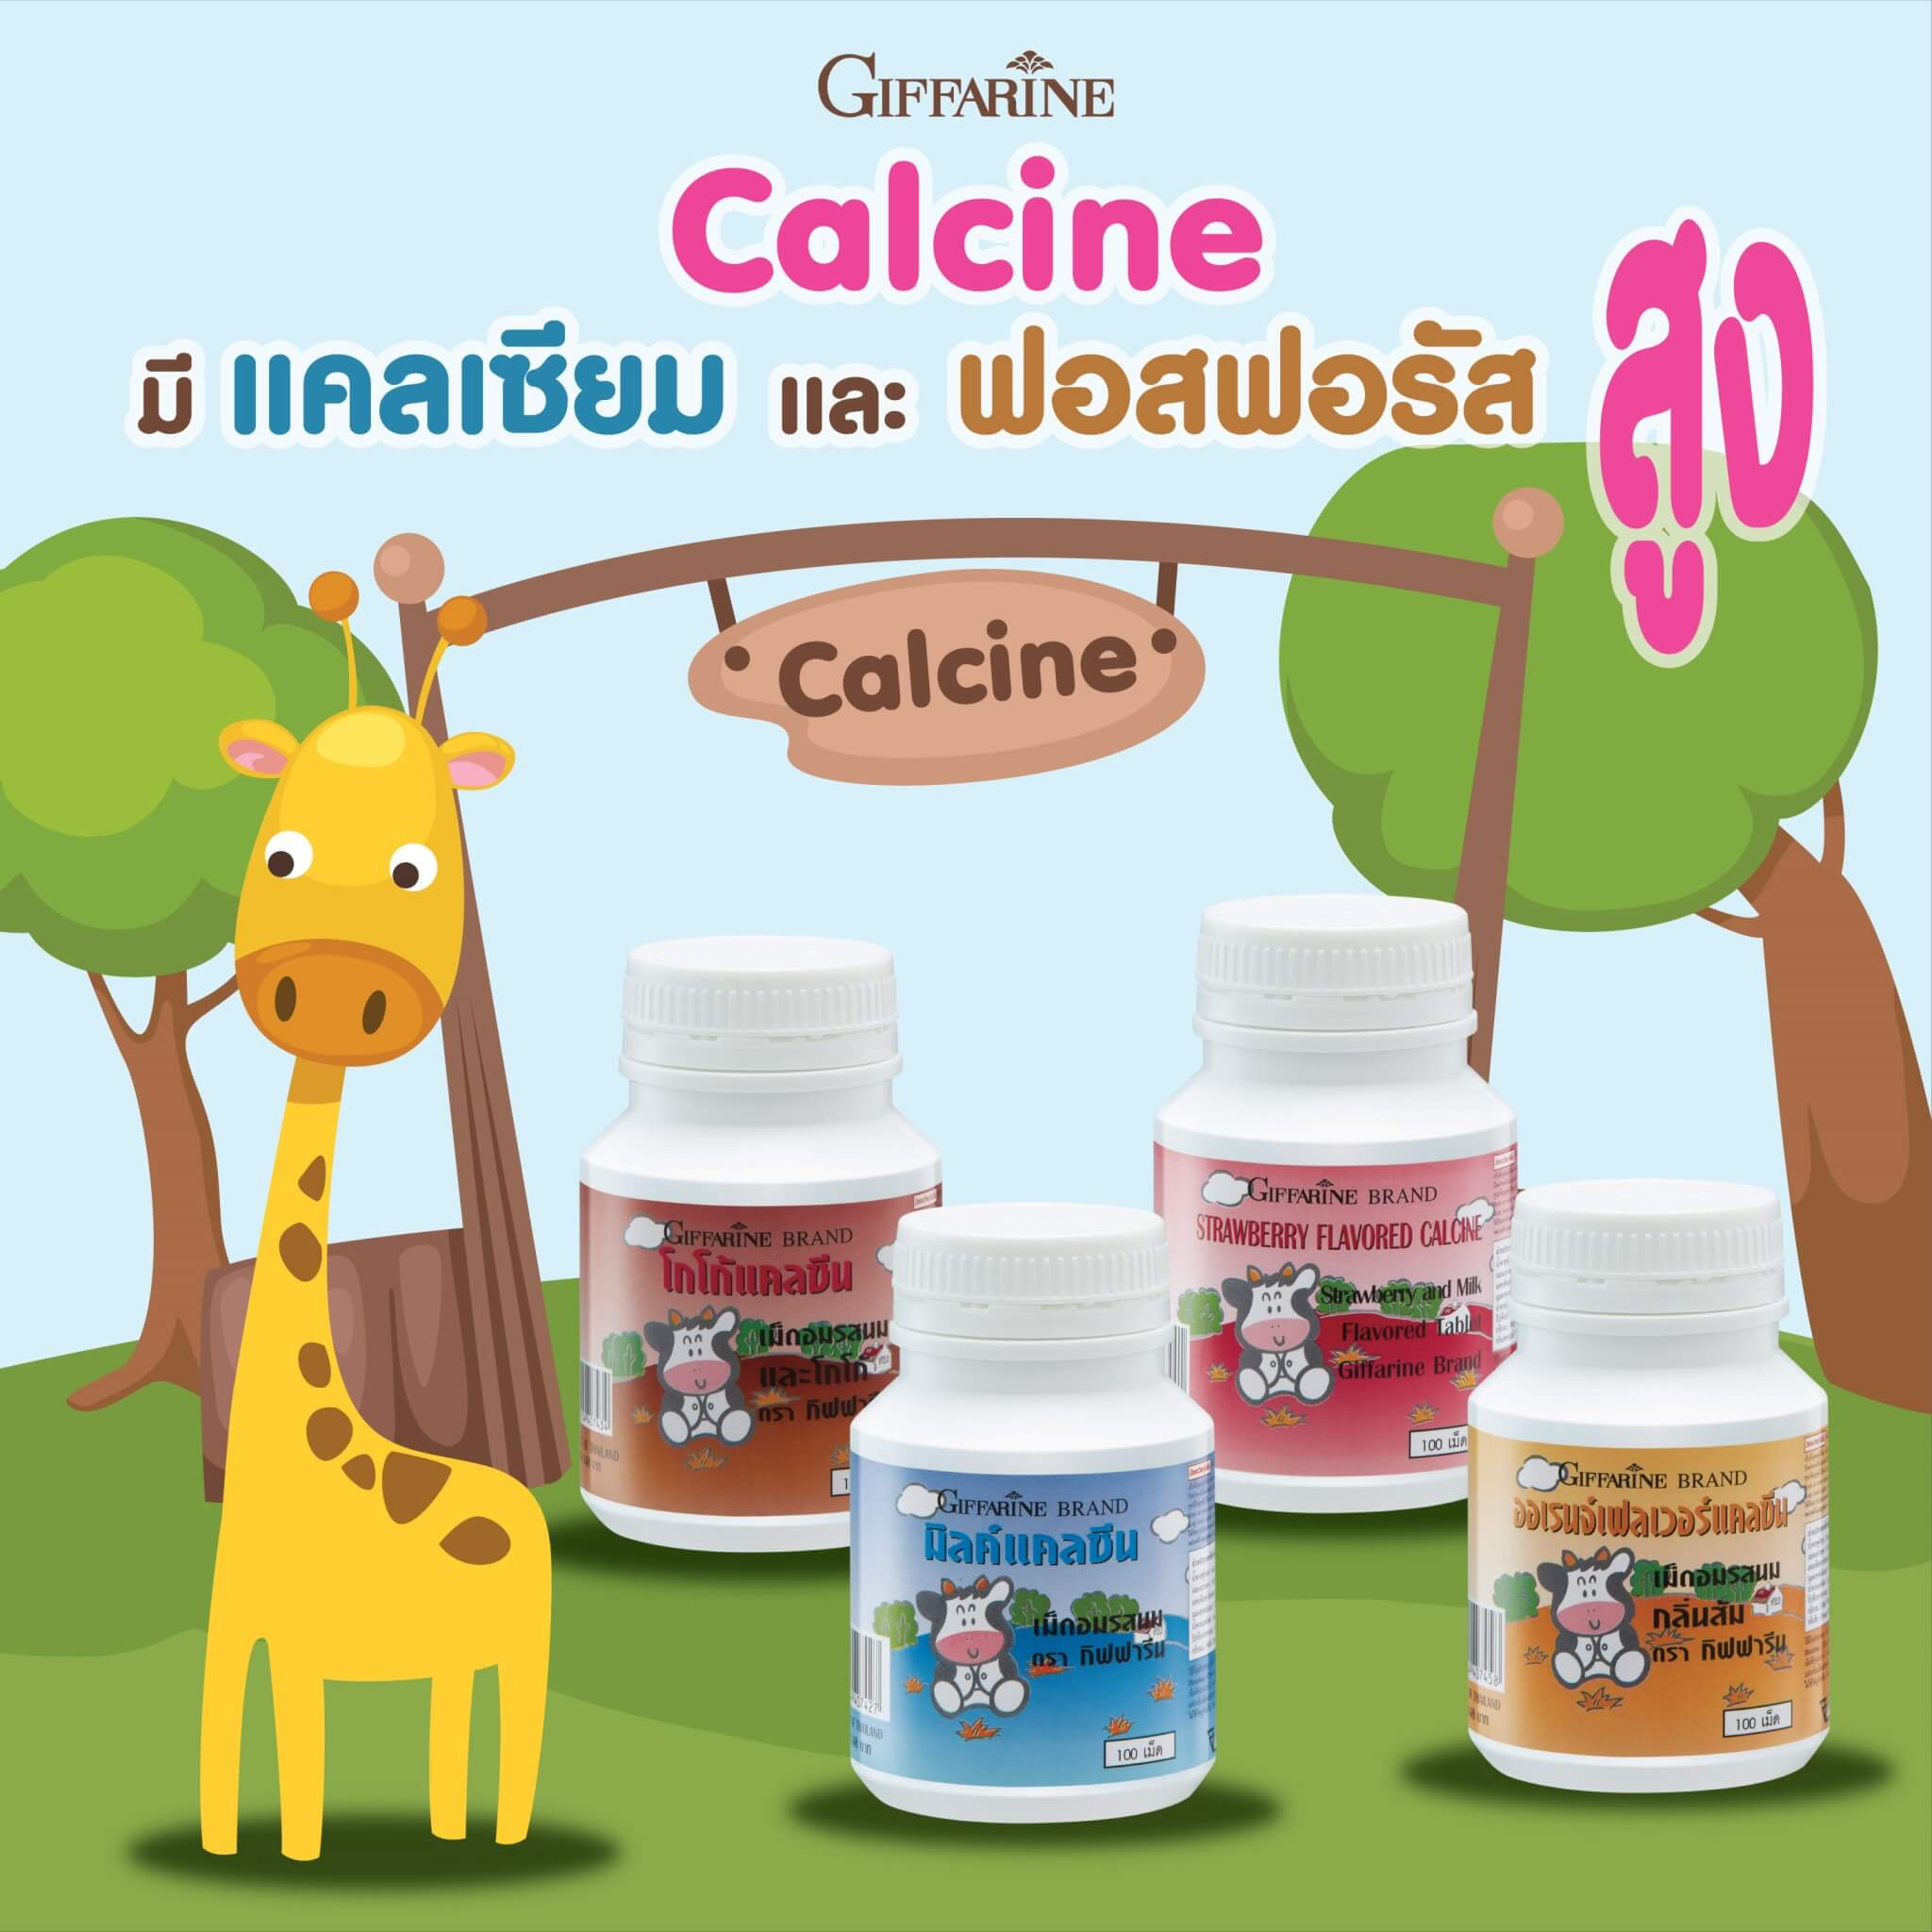 แคลซีน กิฟฟารีน, นมอัดเม็ด, แคลเซียมสำหรับเด็ก